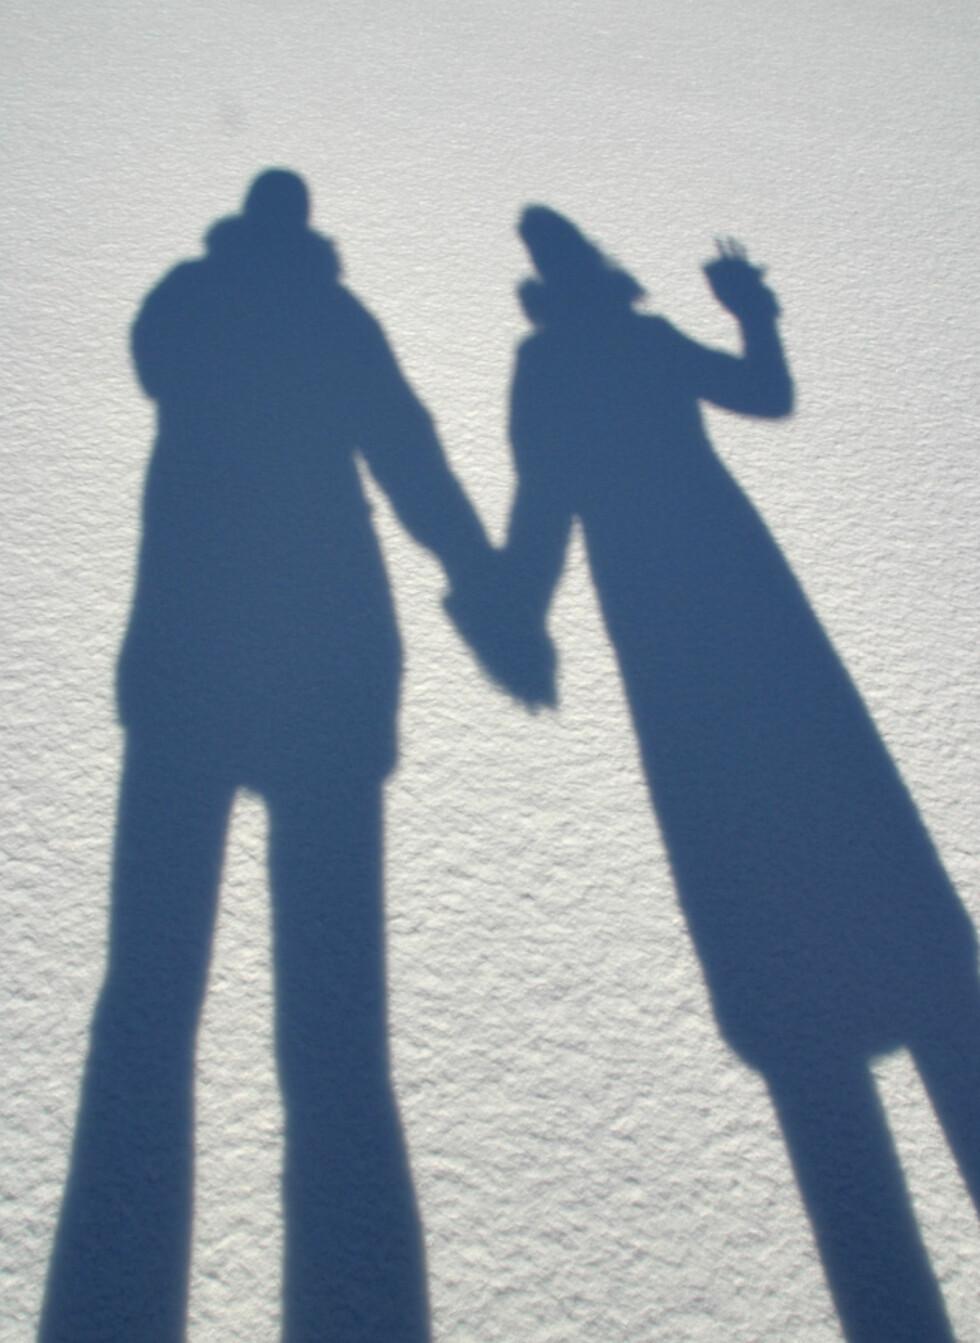 """Sola ligger lavt om vinteren, som gjør at skygger blir ekstra lange. (Foto: <a href=""""http://www.flickr.com/photos/djbrady/1206371748/"""">Dan and Cathy</a> av <a href=""""http://www.flickr.com/photos/djbrady/"""">DanBrady</a> (<a href=""""http://creativecommons.org/licenses/by/2.0/deed.en"""">Creative Commons</a>)"""